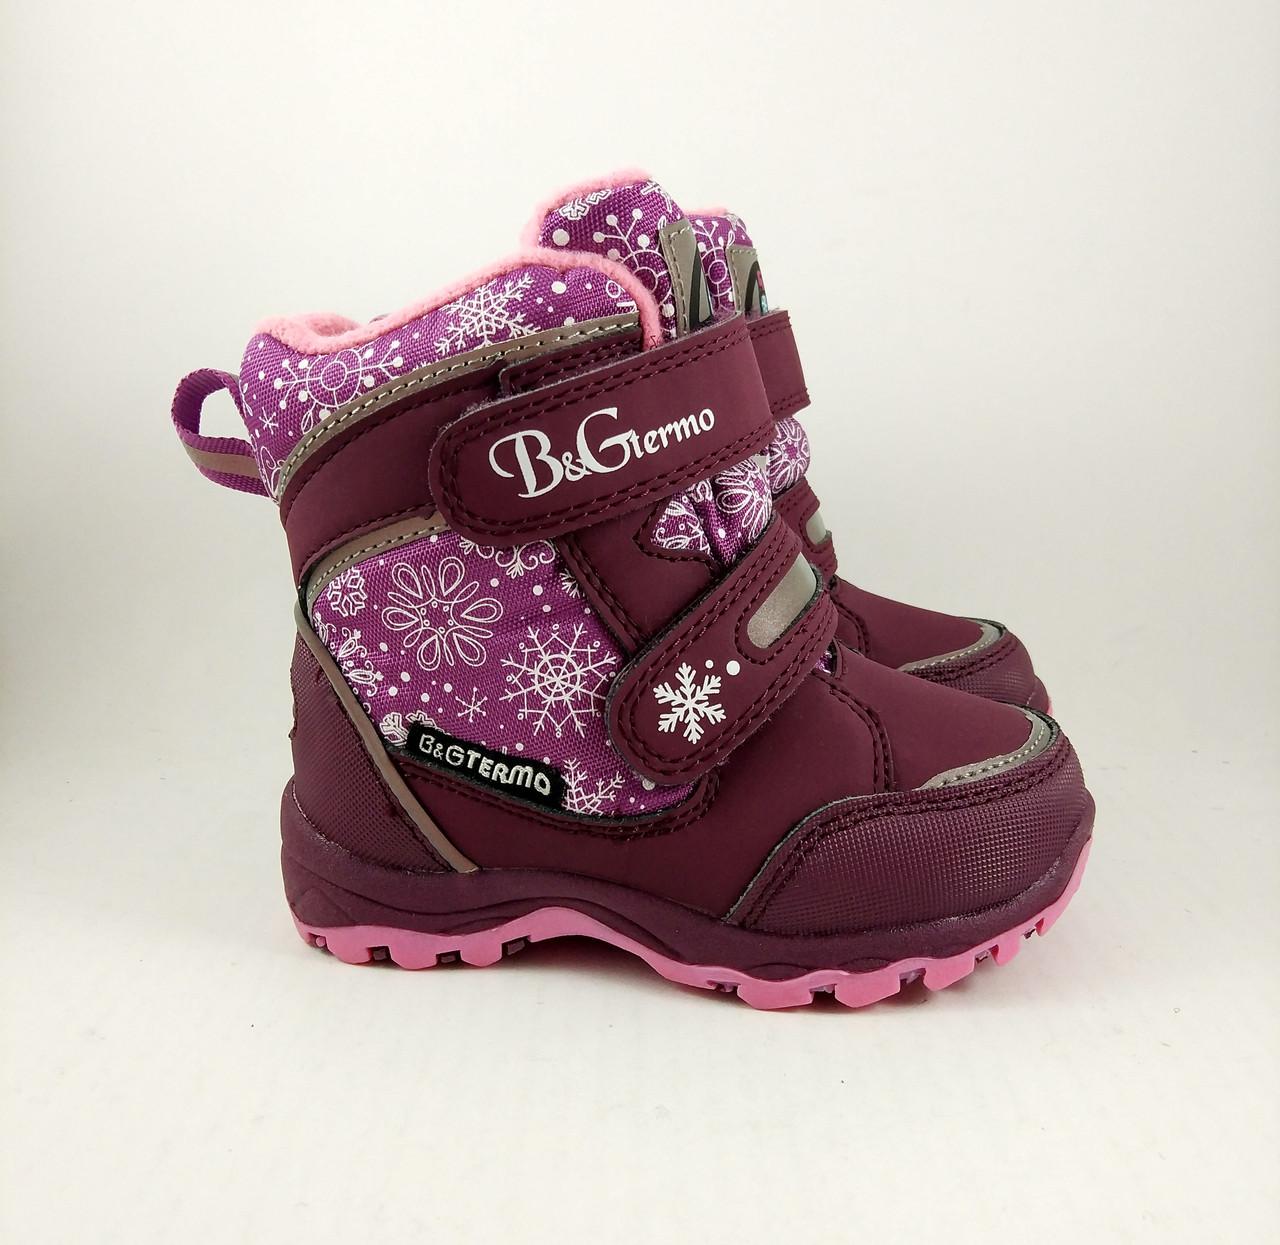 a048b715361a95 Термоботинки B&G-Termo для девочек, зимняя обувь детская, бордовая ...